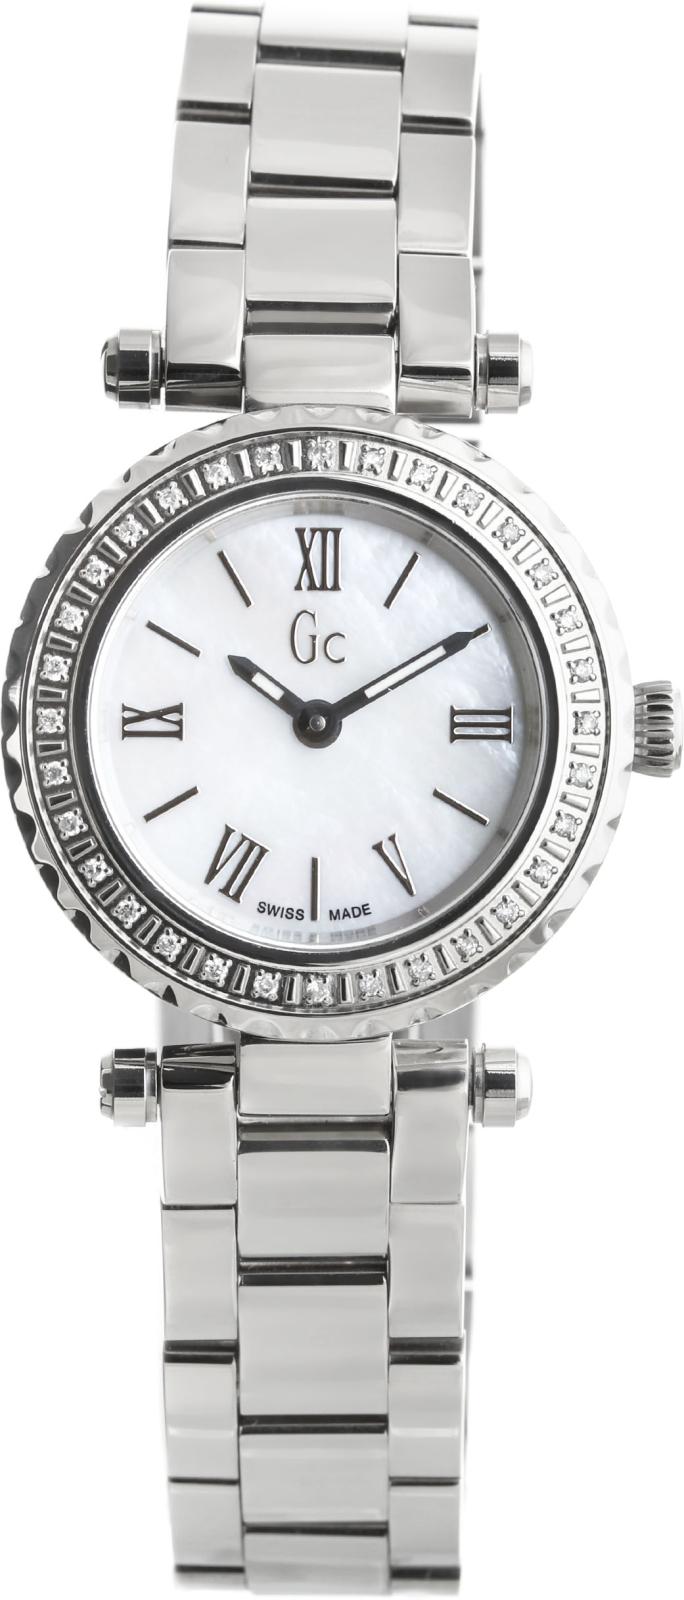 Gc Precious  X70105L1SНаручные часы<br>Швейцарские часы Gc Precious X70105L1SДанная модель входит в коллекцию Precious . Это стильные женские часы. Материал корпуса часов &amp;mdash; сталь. Стекло - сапфировое. Водозащита этих часов 100 м.<br><br>Пол: Женские<br>Страна-производитель: Швейцария<br>Механизм: Кварцевый<br>Материал корпуса: Сталь<br>Материал ремня/браслета: Сталь<br>Водозащита, диапазон: 100 - 150 м<br>Стекло: Сапфировое<br>Толщина корпуса: None<br>Стиль: None